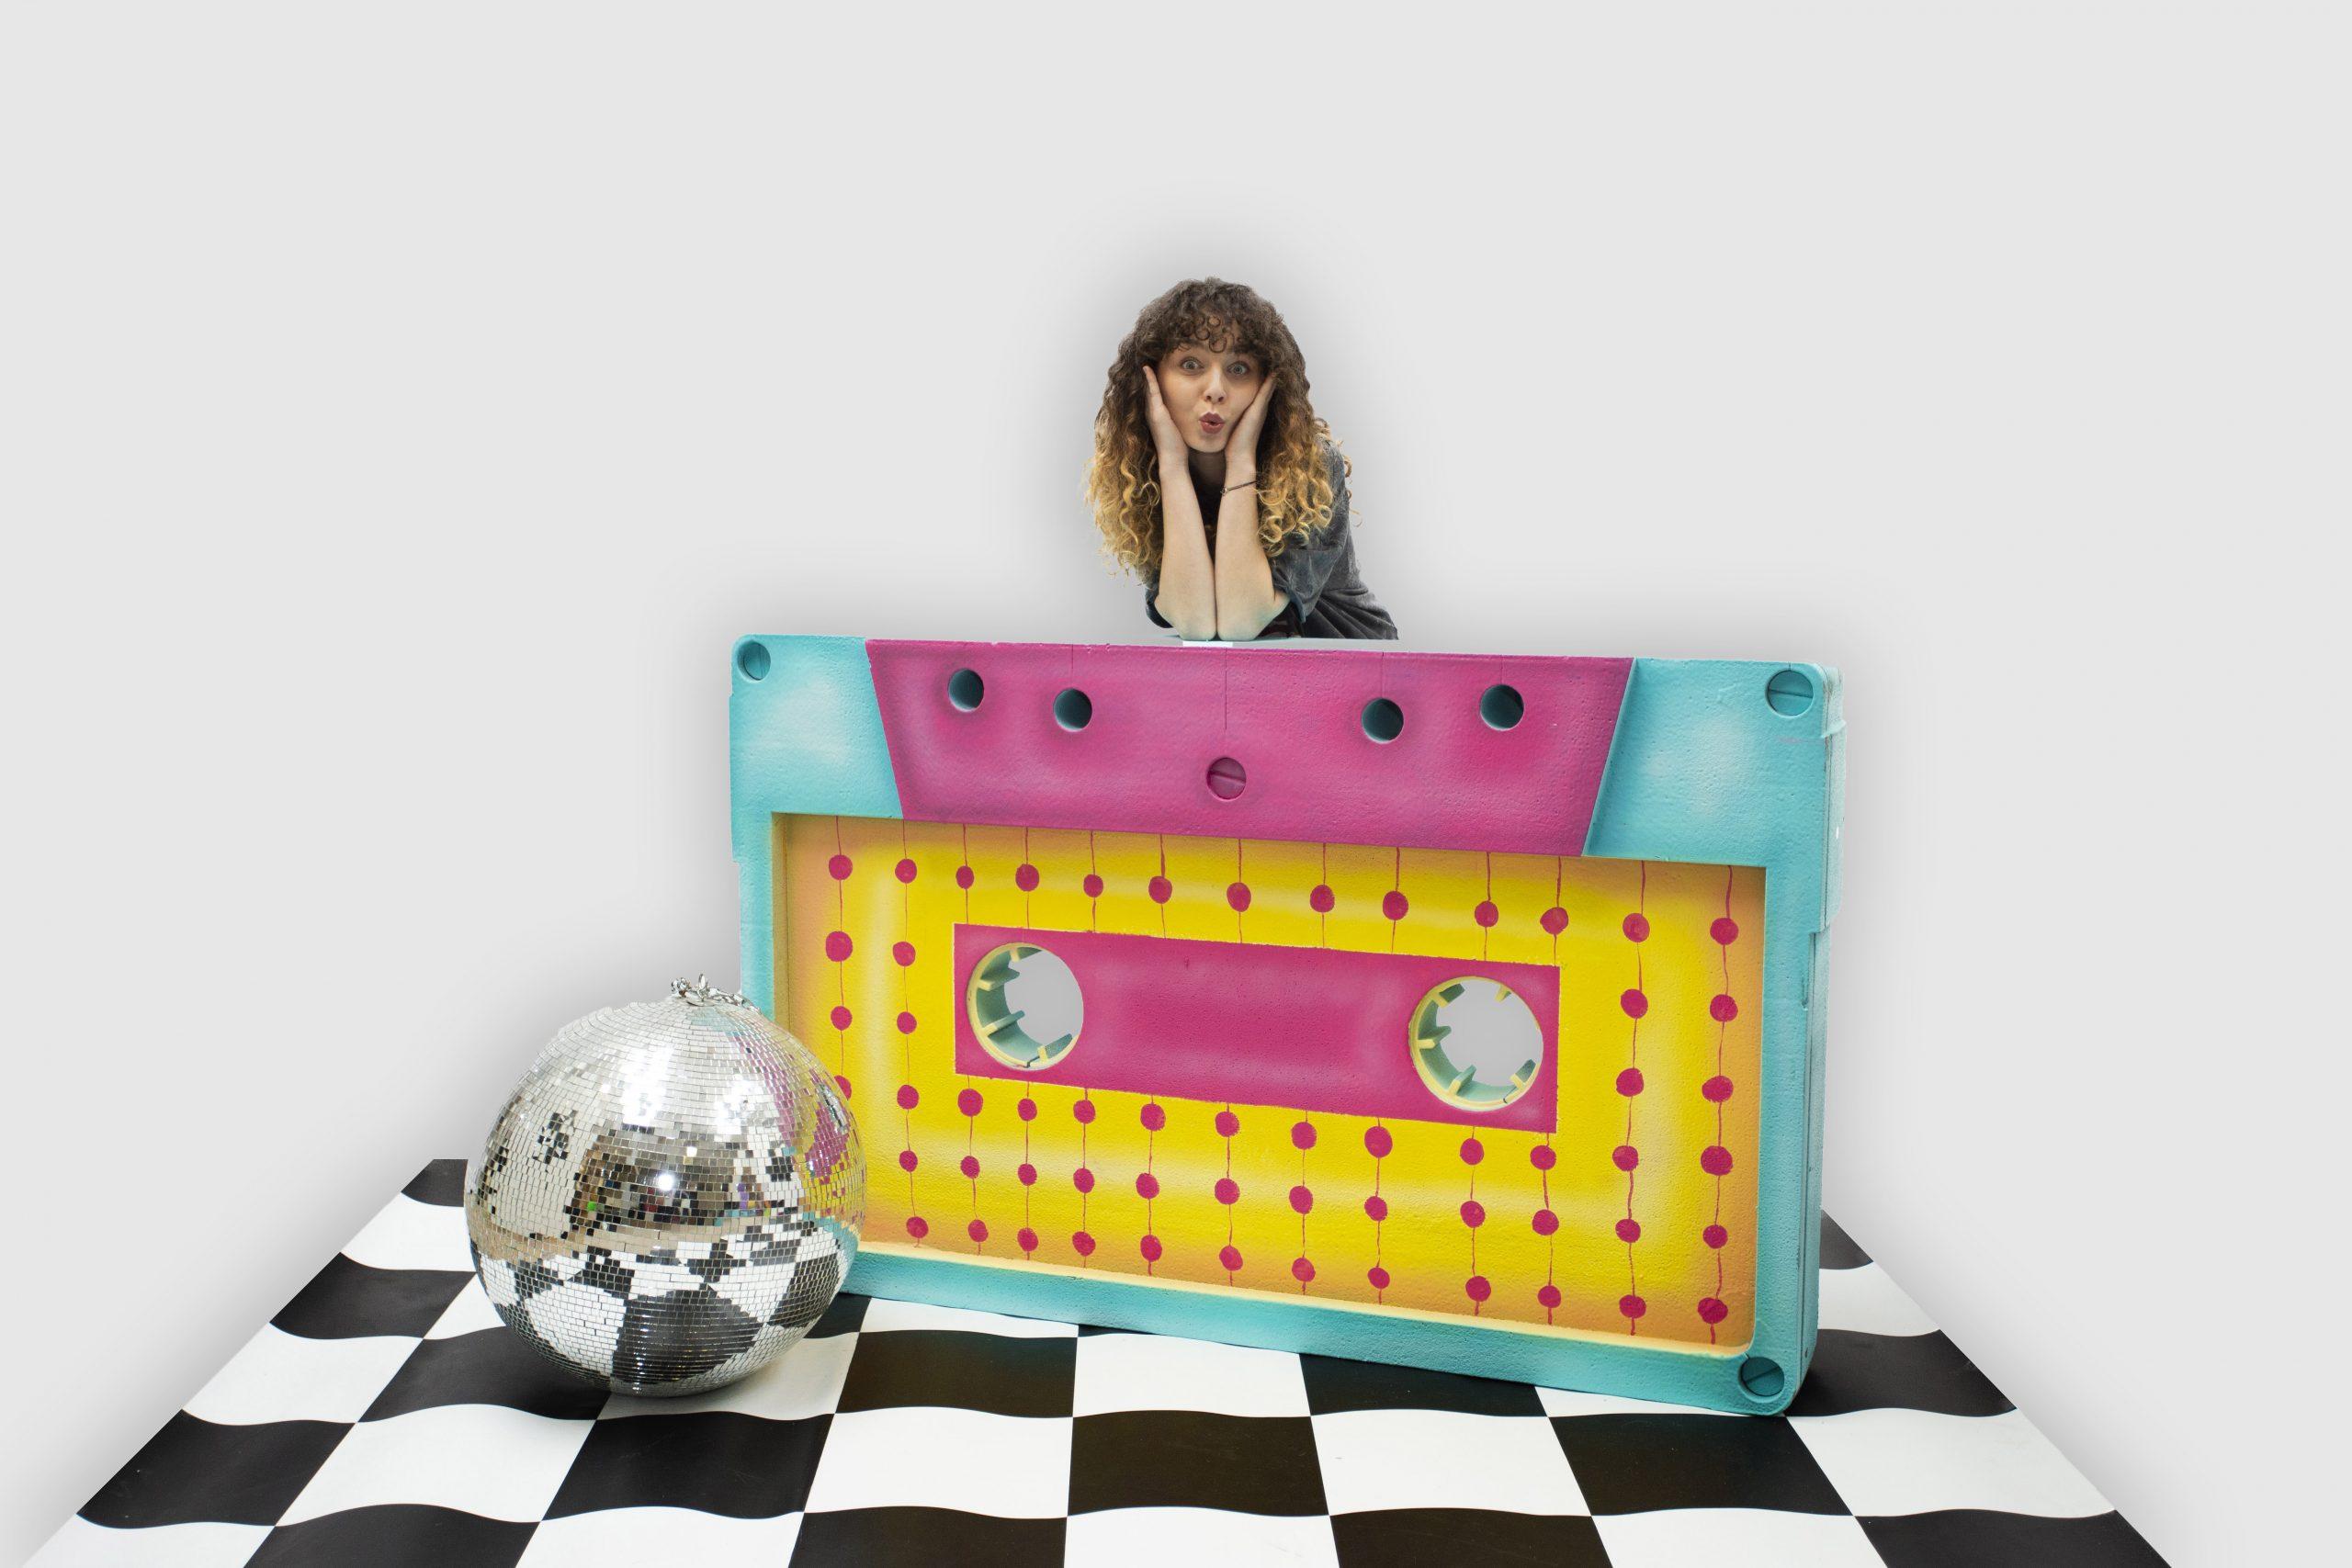 inchiriere decor caseta anii 80, disco